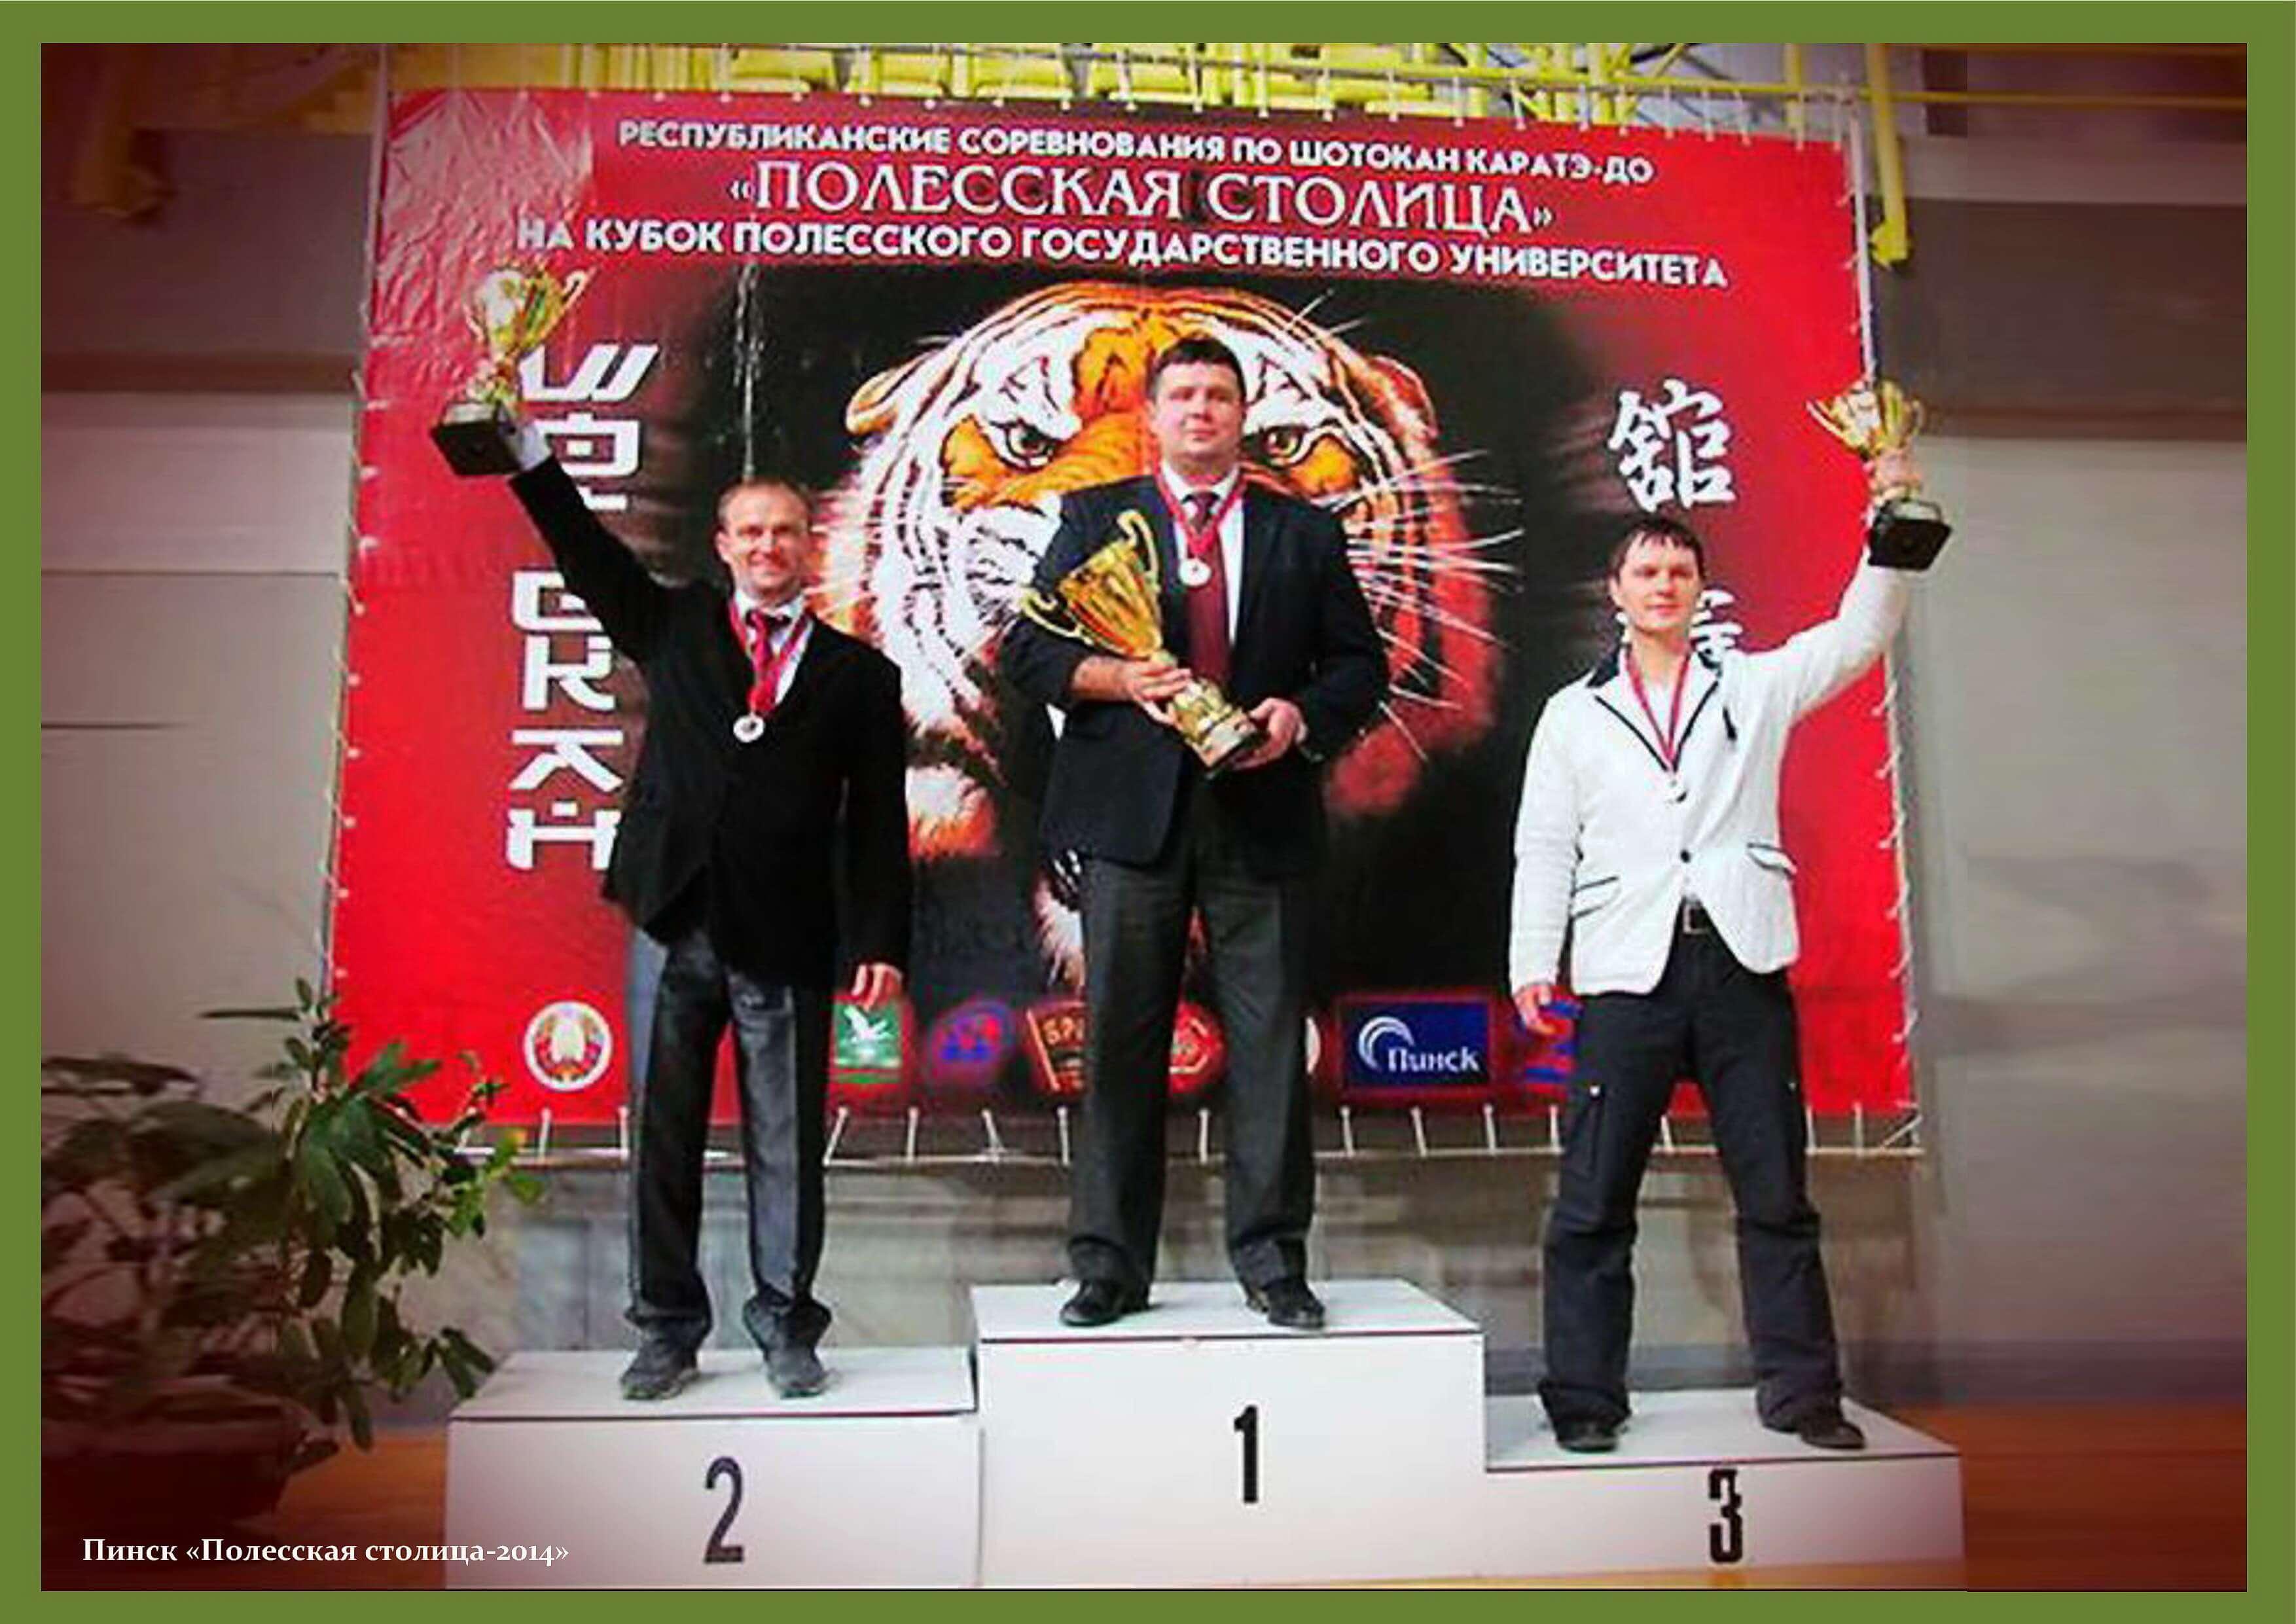 Пинск-2014 Победители в командном зачете